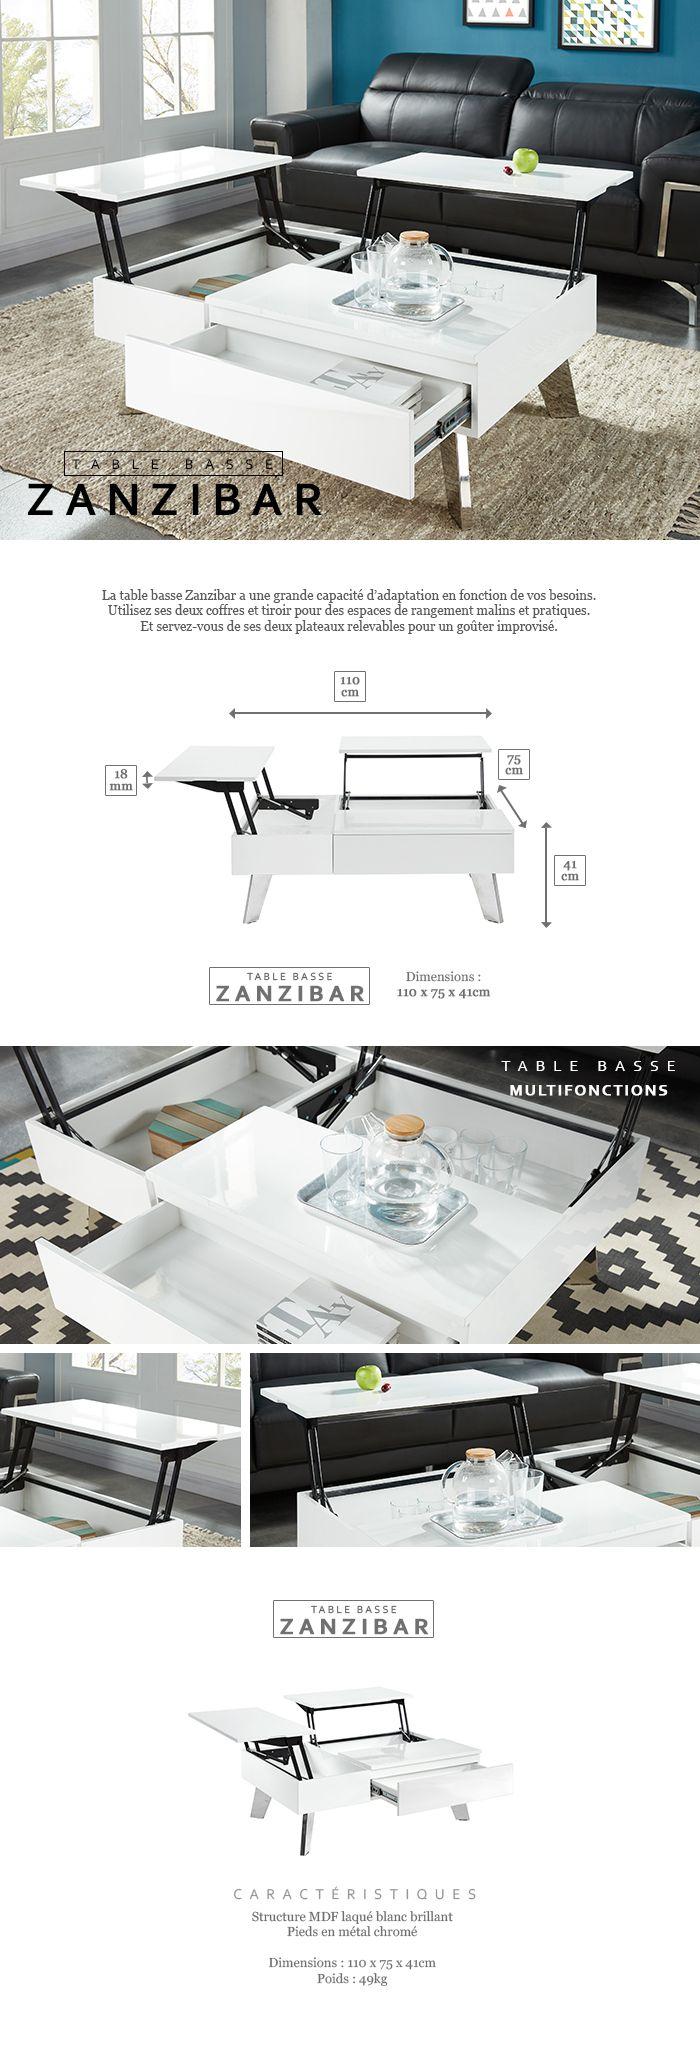 Zanzibar table basse transformable style contemporain for Canape zanzibar prix